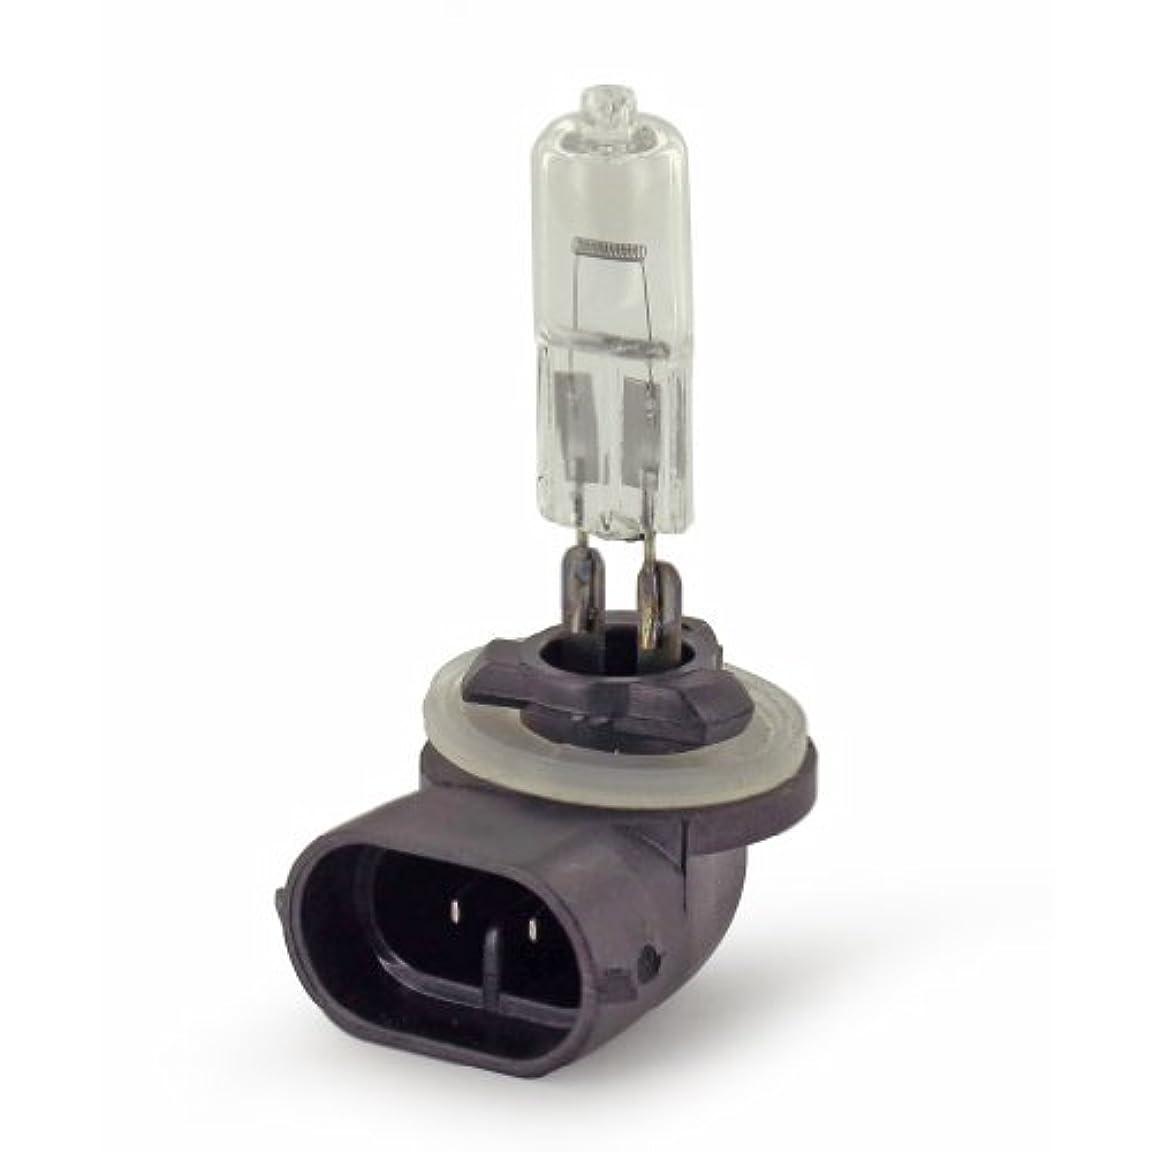 珍しい別々に豊富なIntella 1062038 GE 894 Bulb, 12.8V, 38W by Intella Liftparts Inc.